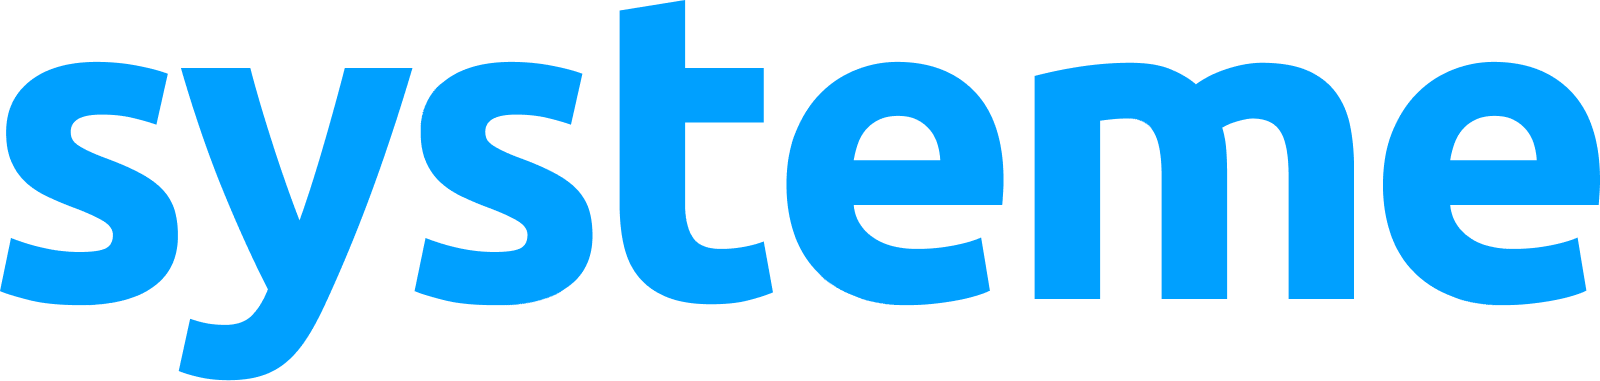 systeme.io's logo